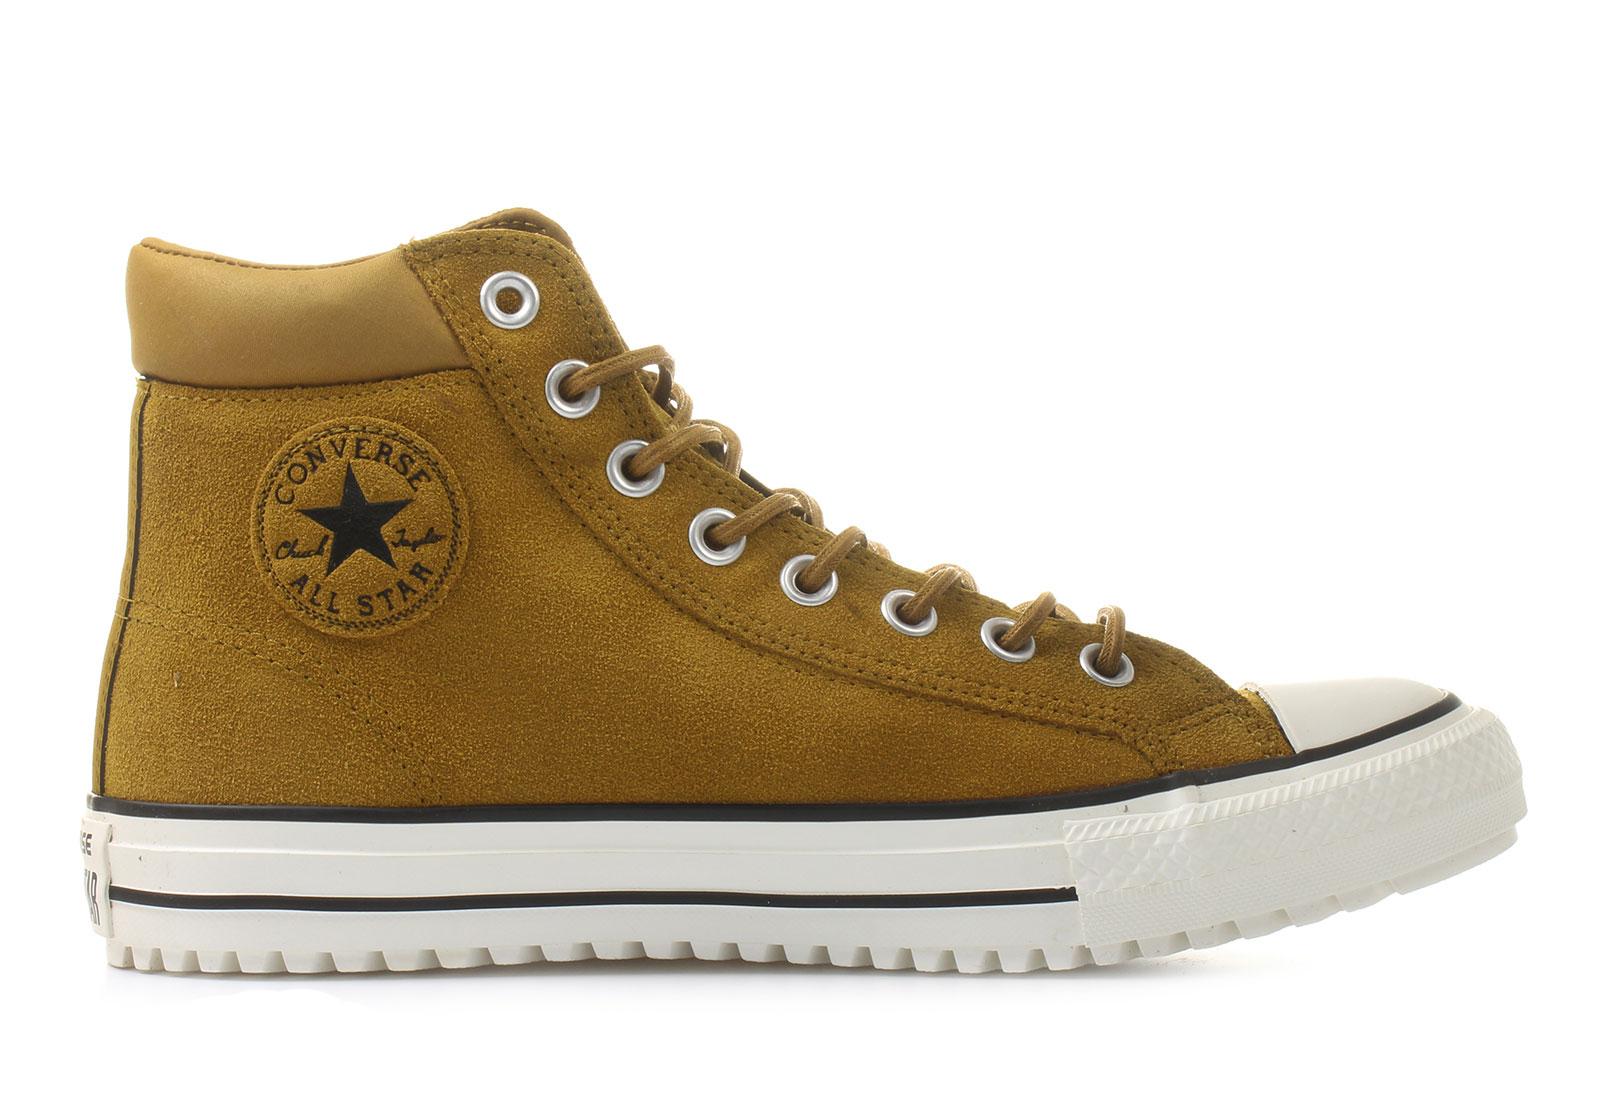 cac4c4b0e39e Converse Sneakers - Chuck Taylor All Star Converse Boot Pc - 153676C ...